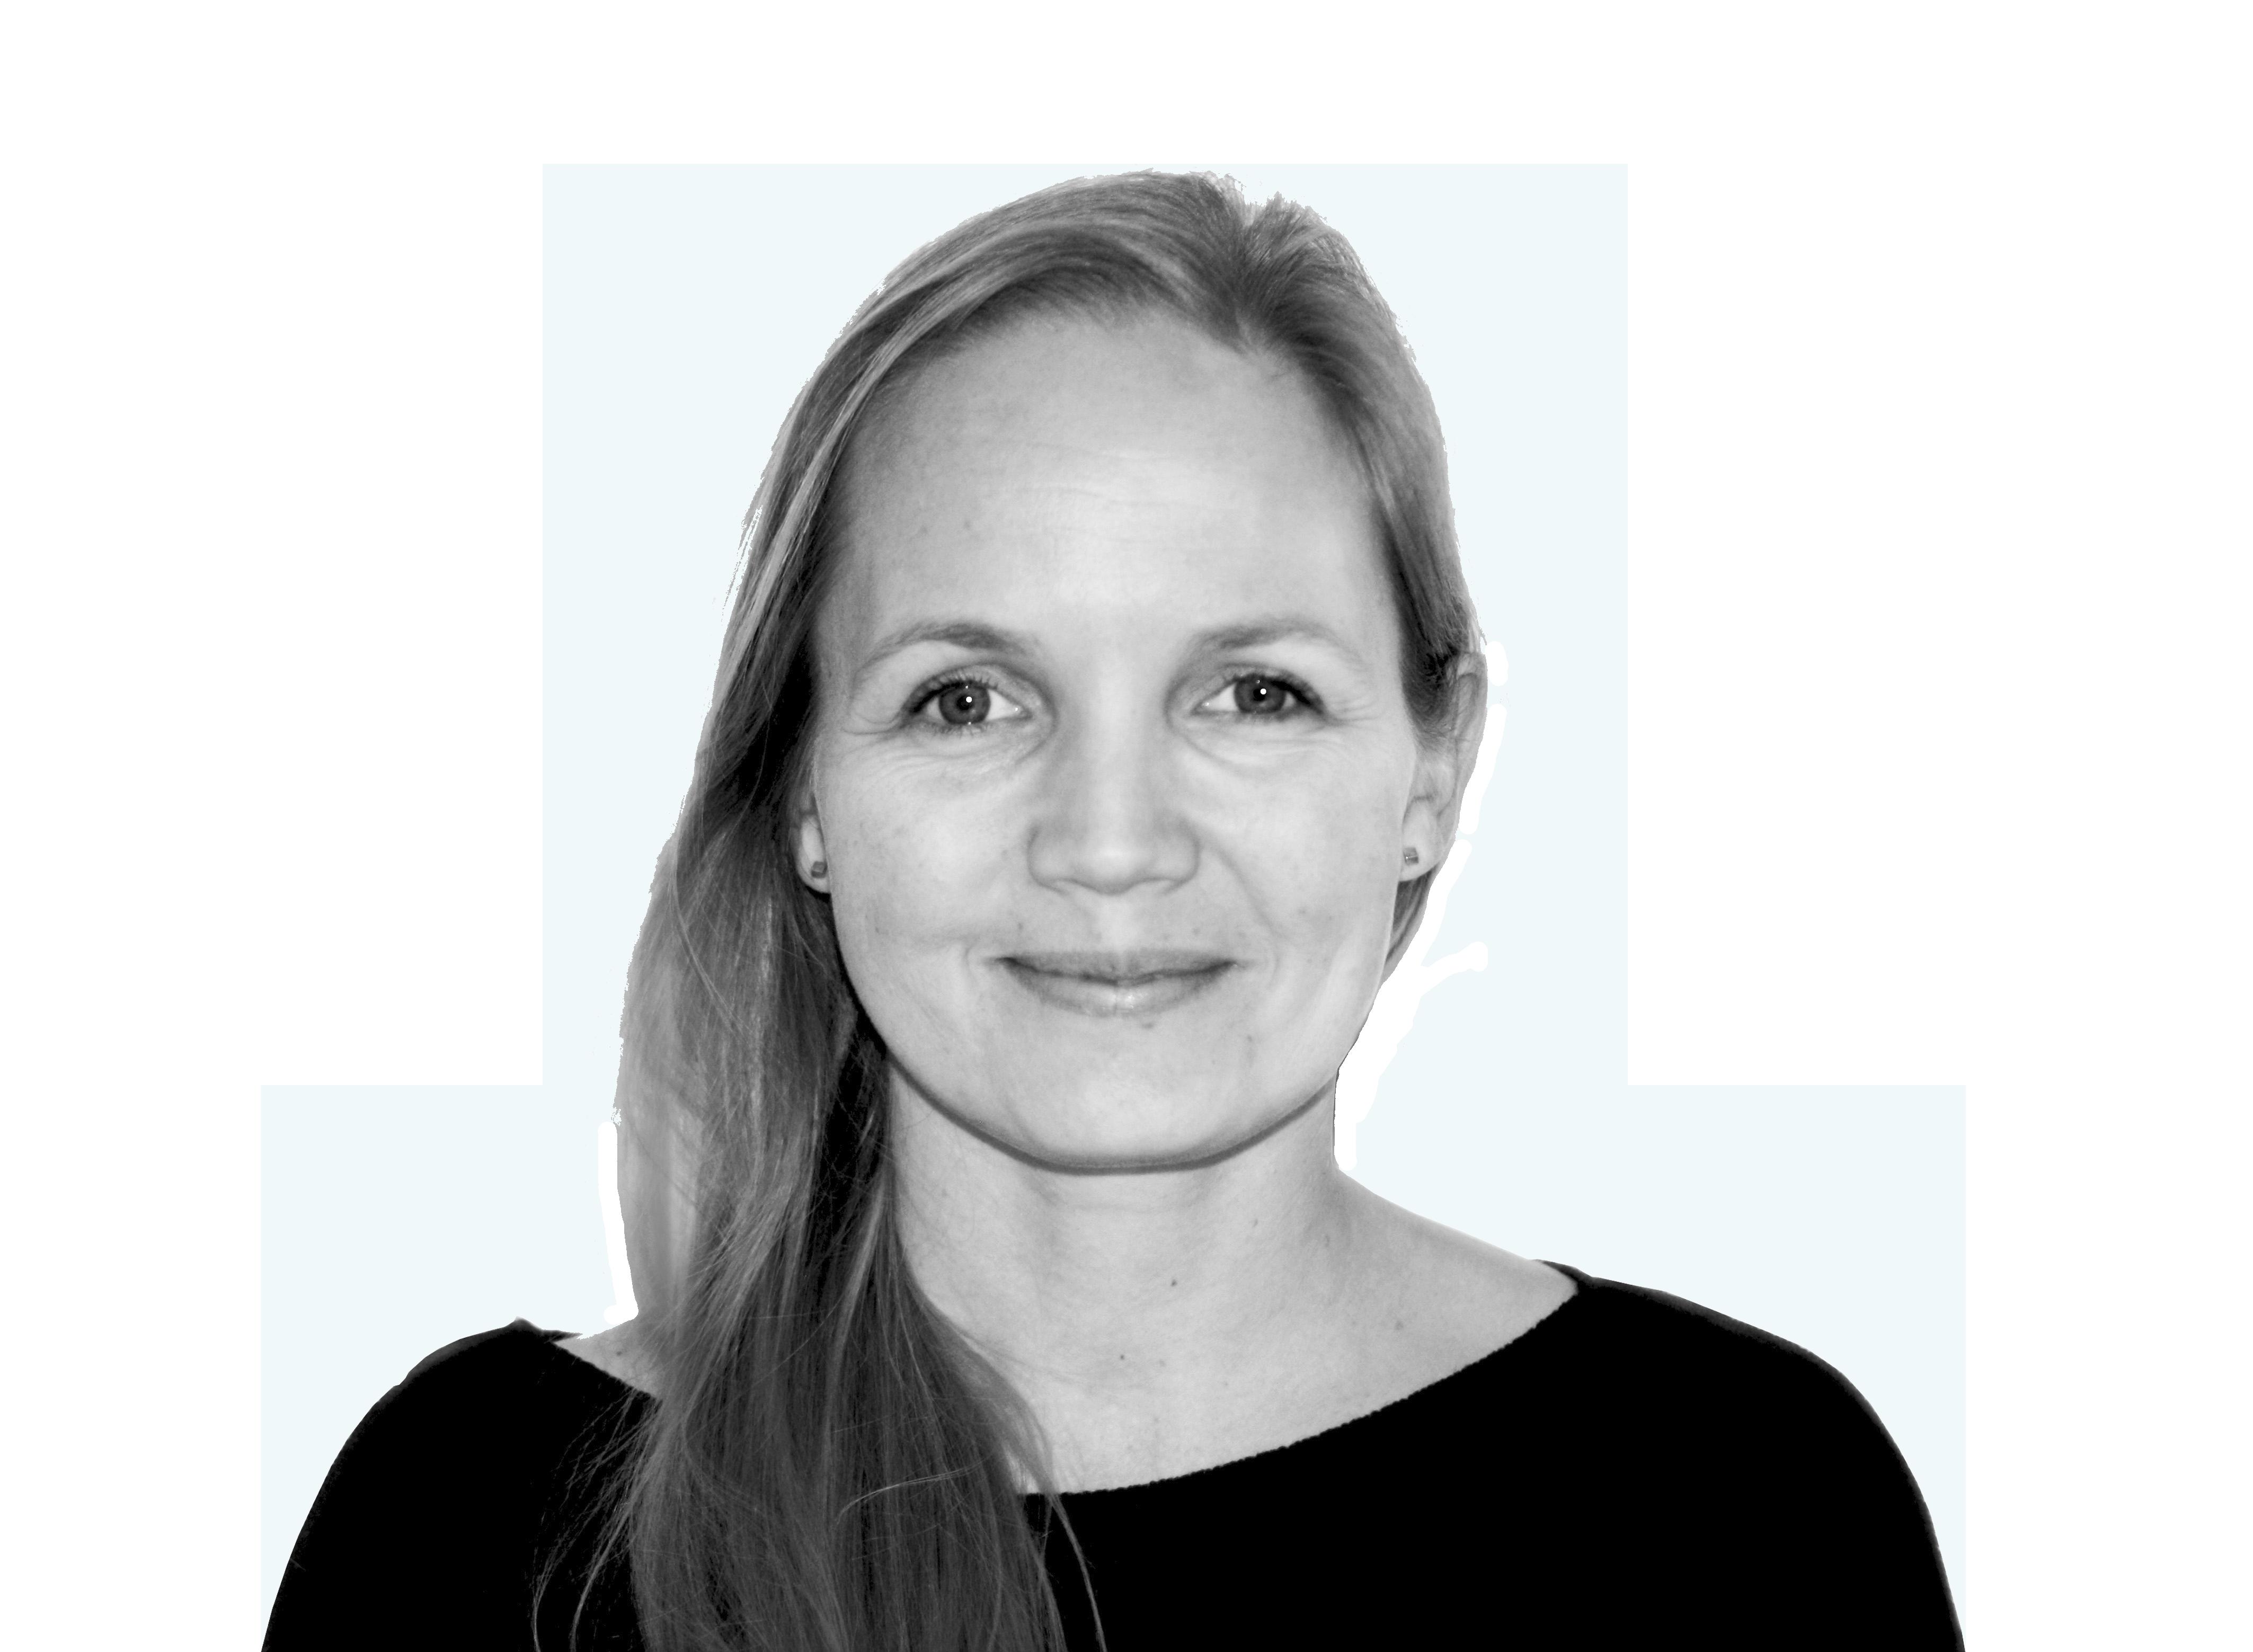 Inger Haarup Borchmann